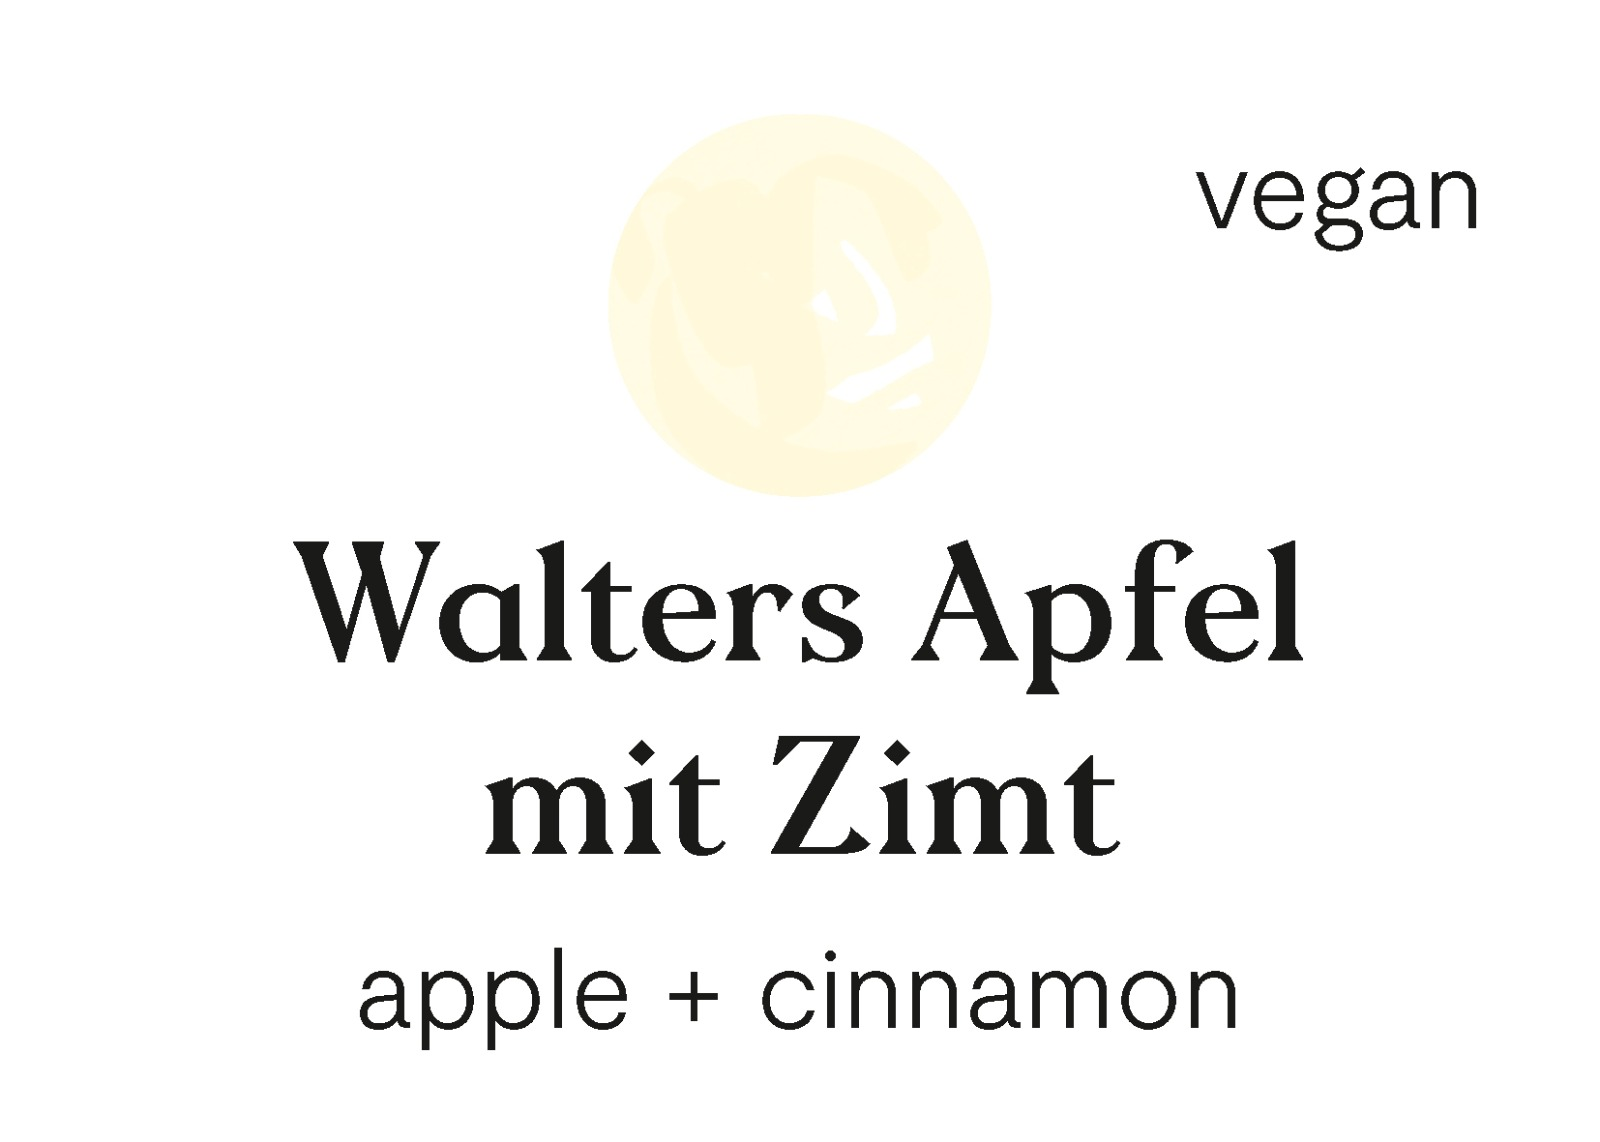 Walters Apfel mit Zimt